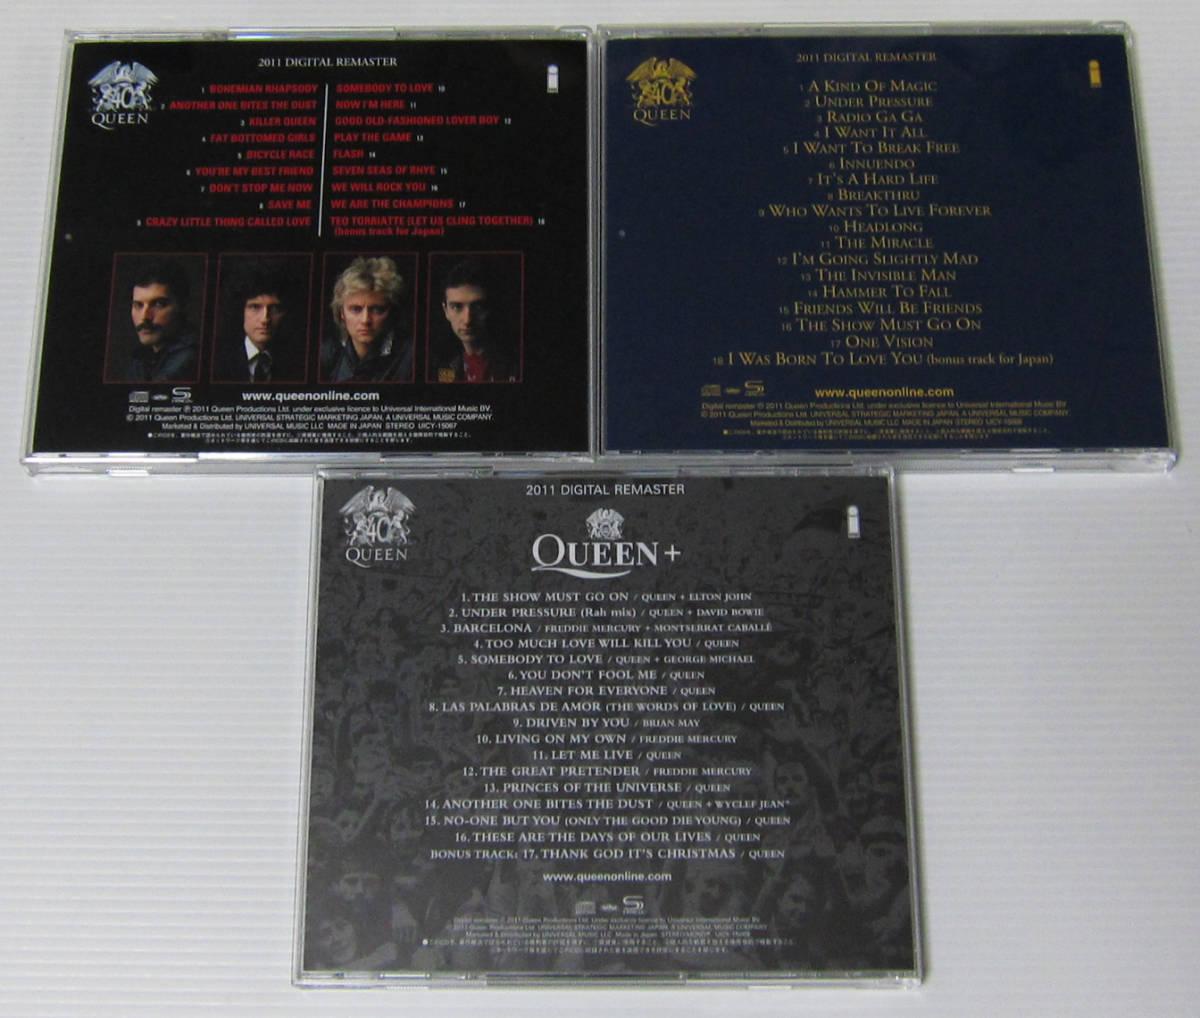 *QUEEN クイーン CD グレイテスト ヒッツ1.2.3 GREATEST HITS THE PLATINUM COLLECTION/SHM-CD 3枚組/国内盤帯付/フレディ・マーキュリー_画像5